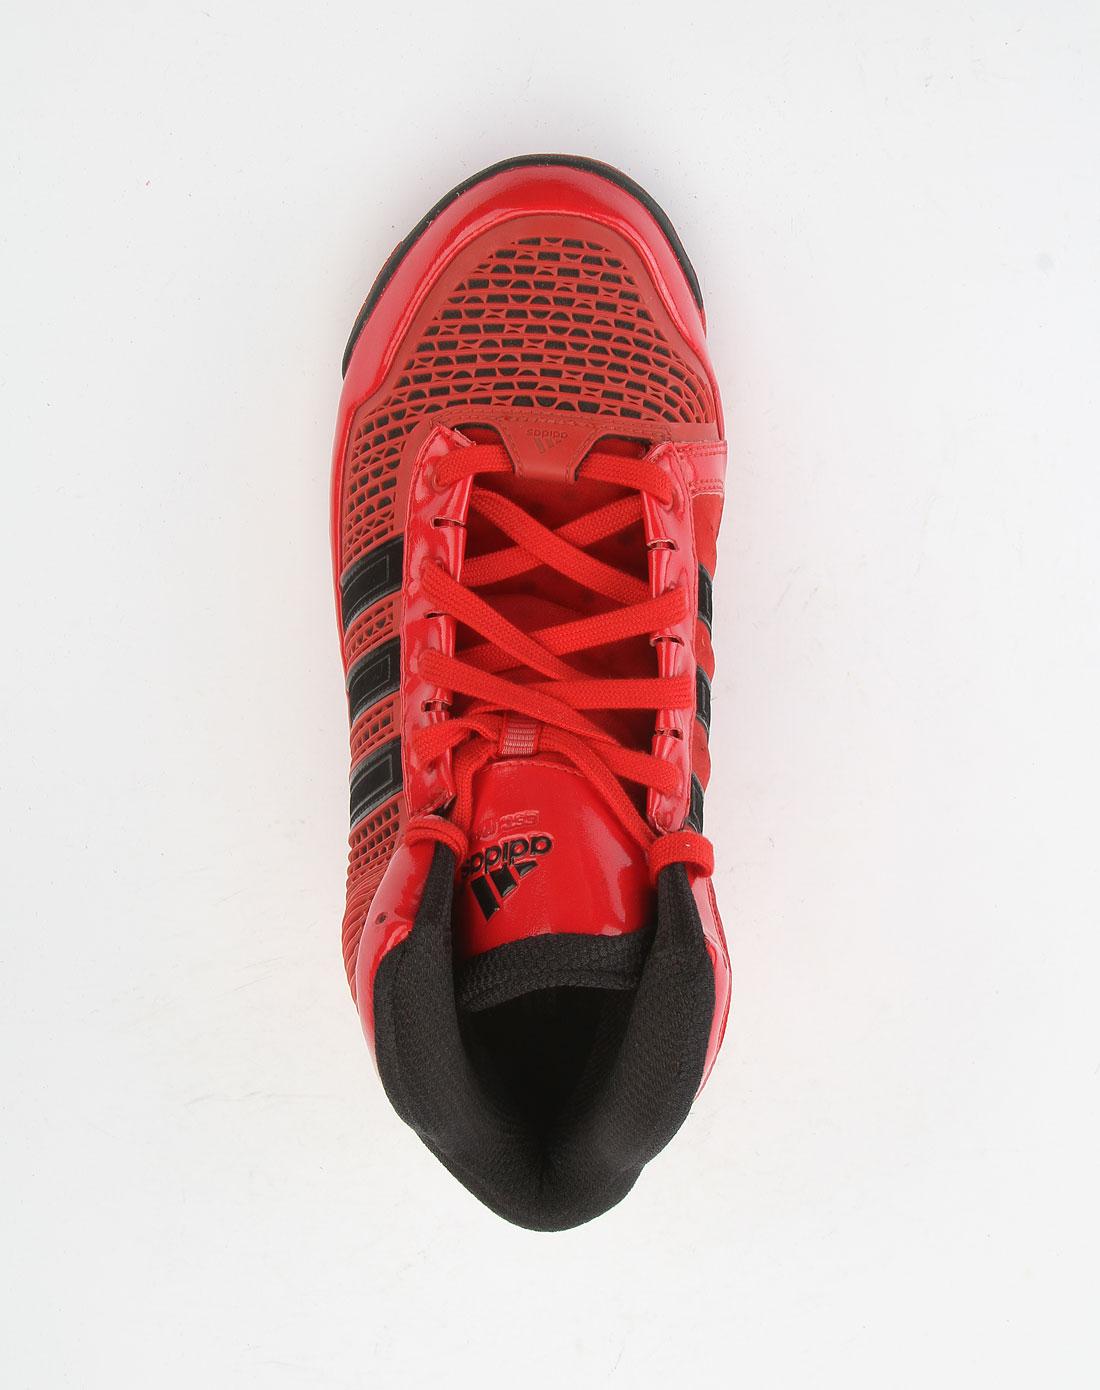 阿迪达斯adidas红色绑带个性篮球鞋g20725